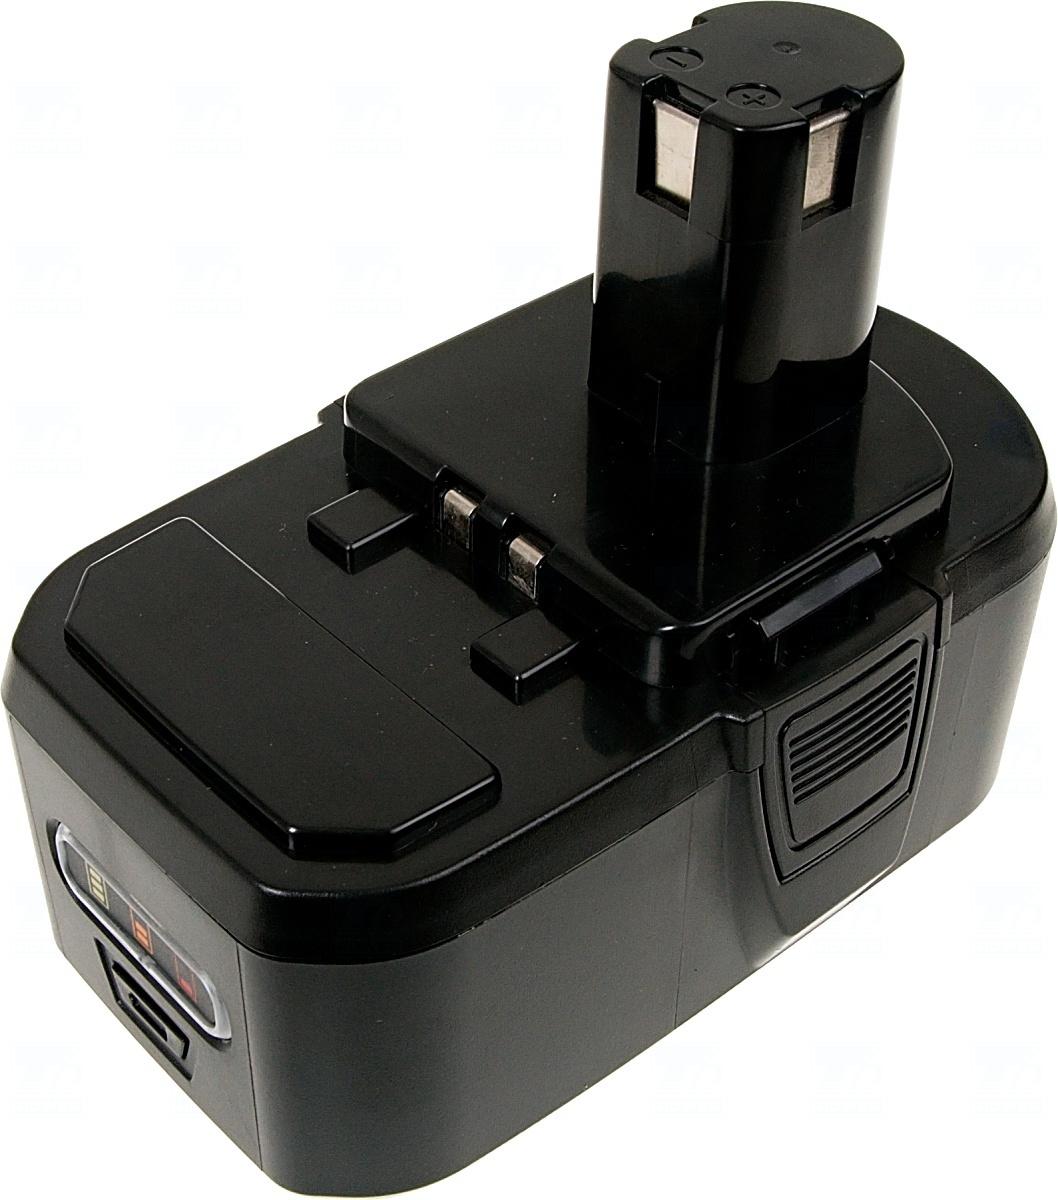 Baterie T6 power BPL-1820, BPL1820, RB18L40, RB18L25, RB18L15, BPL-1815, P107, P108, P102, P103, P104